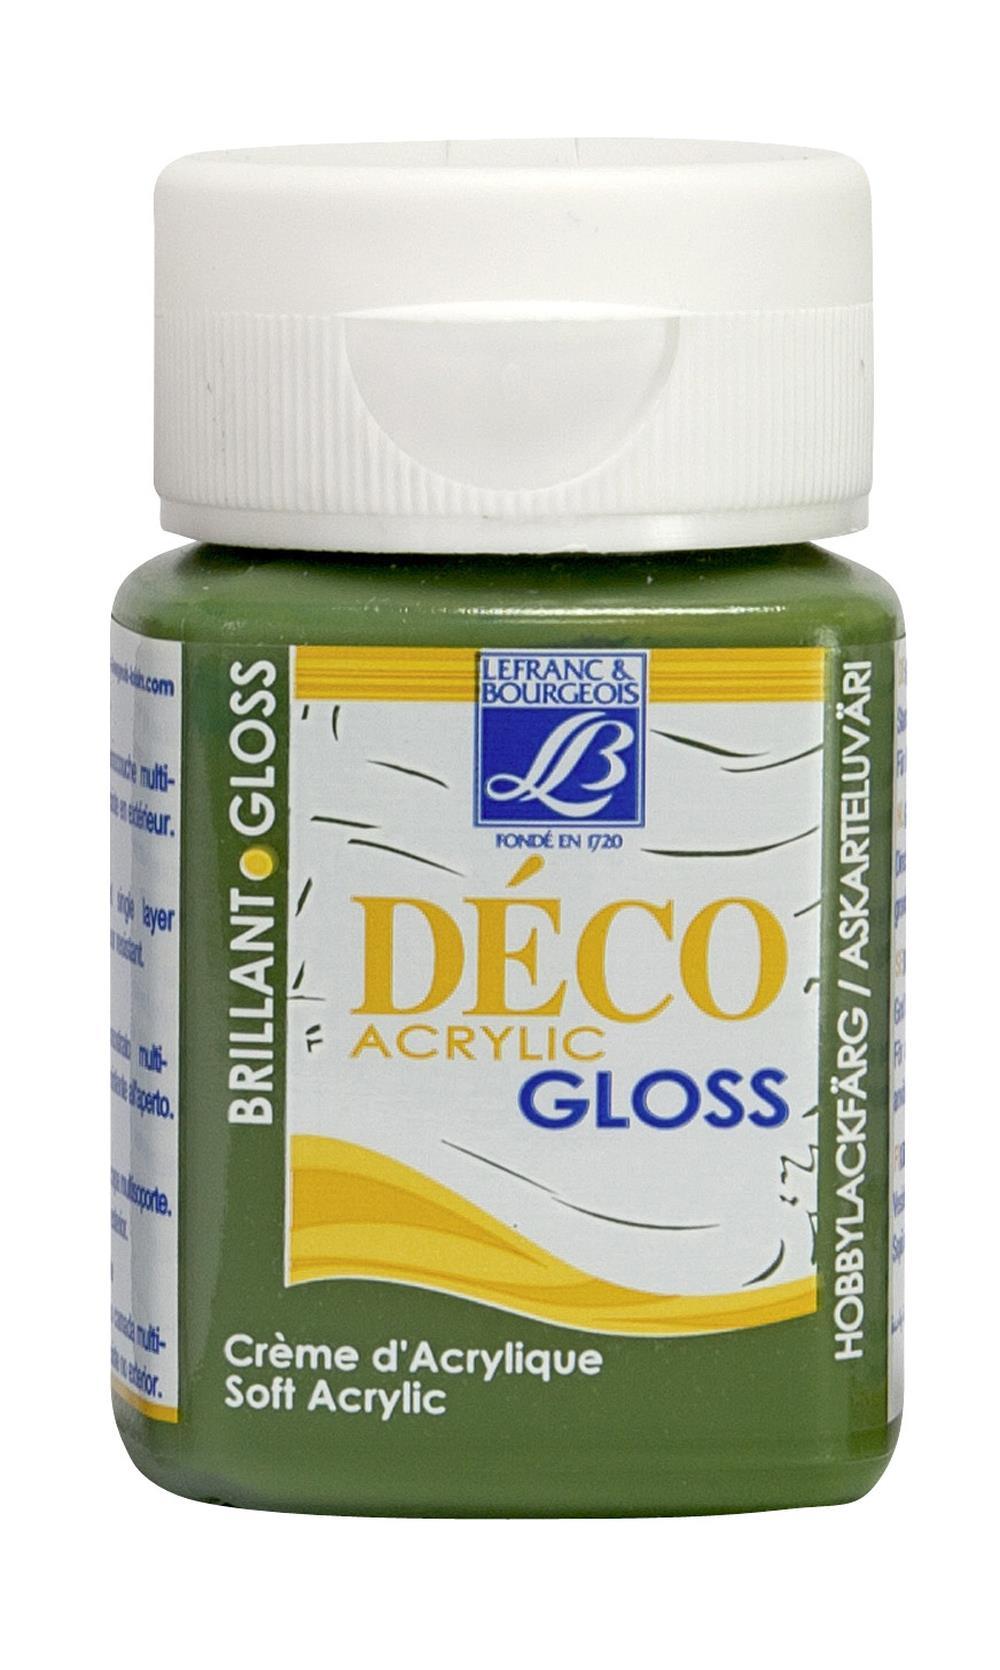 Hobbyfärg L&B Deco Gloss Akryl 50ml  Olive green 541 (4F) Utgår